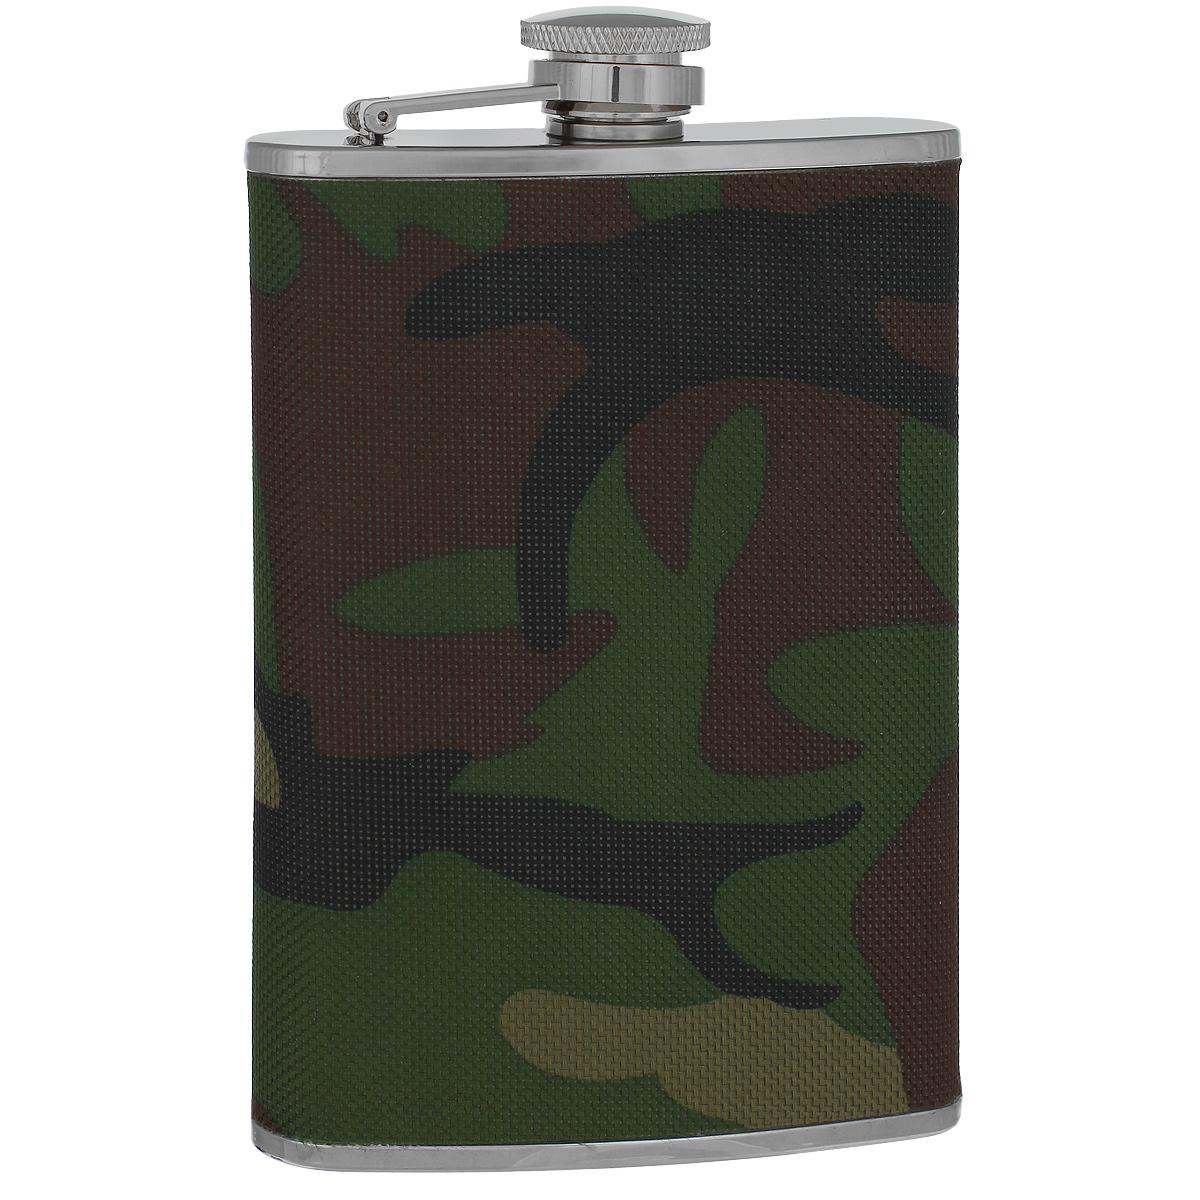 Фляга S.Quire Камуфляж, 240 млTB08-3411NФляга S.Quire изготовлена из нержавеющей стали 18/10 и оформлена текстильной вставкой с рисунком камуфляж. Фляга специально предназначена для хранения алкогольных напитков. Ее нельзя использовать для напитков, содержащих кислоту, таких как сок и сердечные лекарства. Крышка плотно закрывается, предотвращая проливание. Фляга S.Quire - идеальный подарок для настоящих мужчин. Стильный дизайн, компактность и качество изделия, несомненно, порадуют любого мужчину.